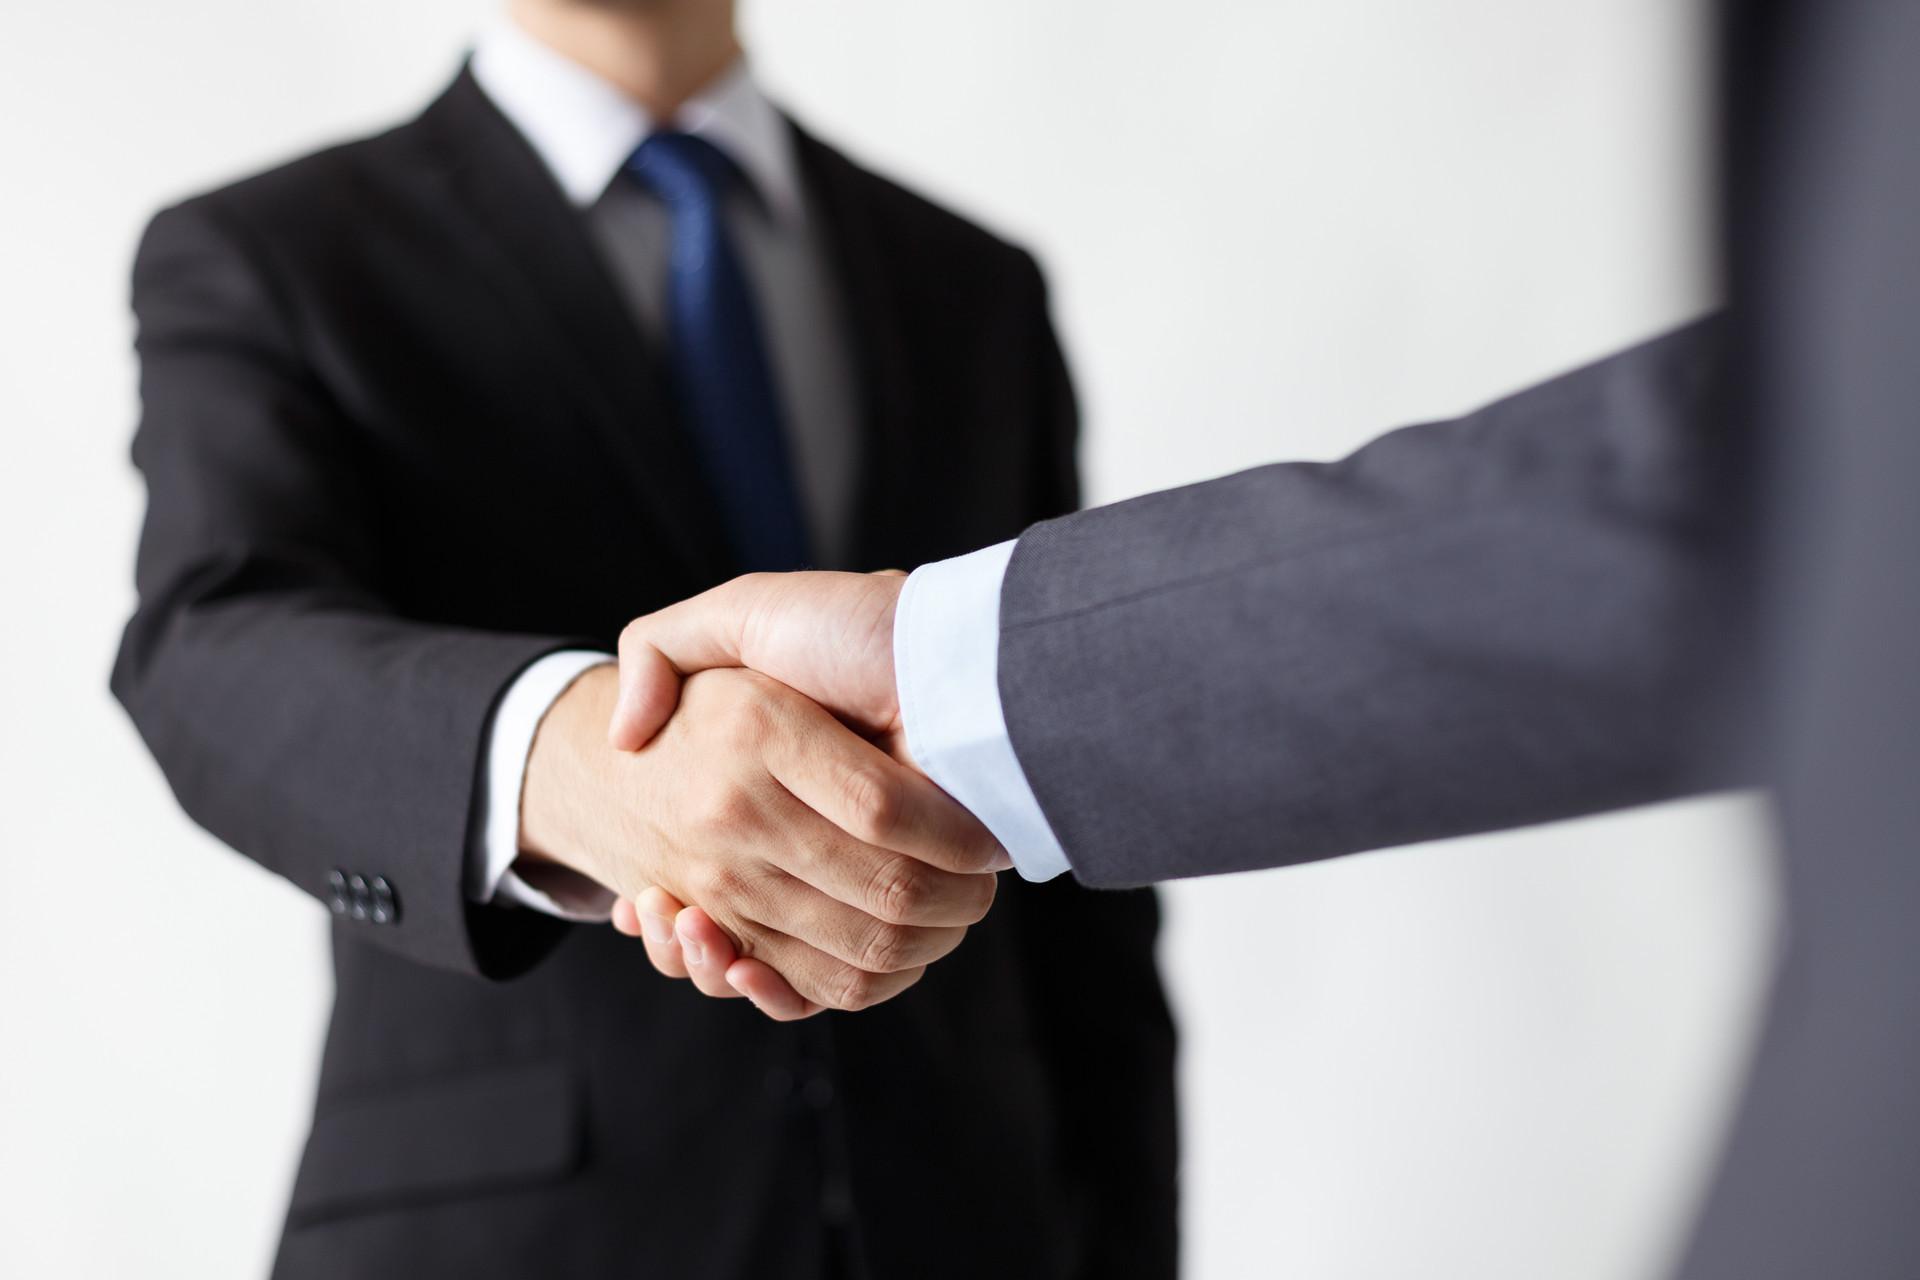 天津农村商业银行招聘了全国总统和副省长。新主席在月初当选